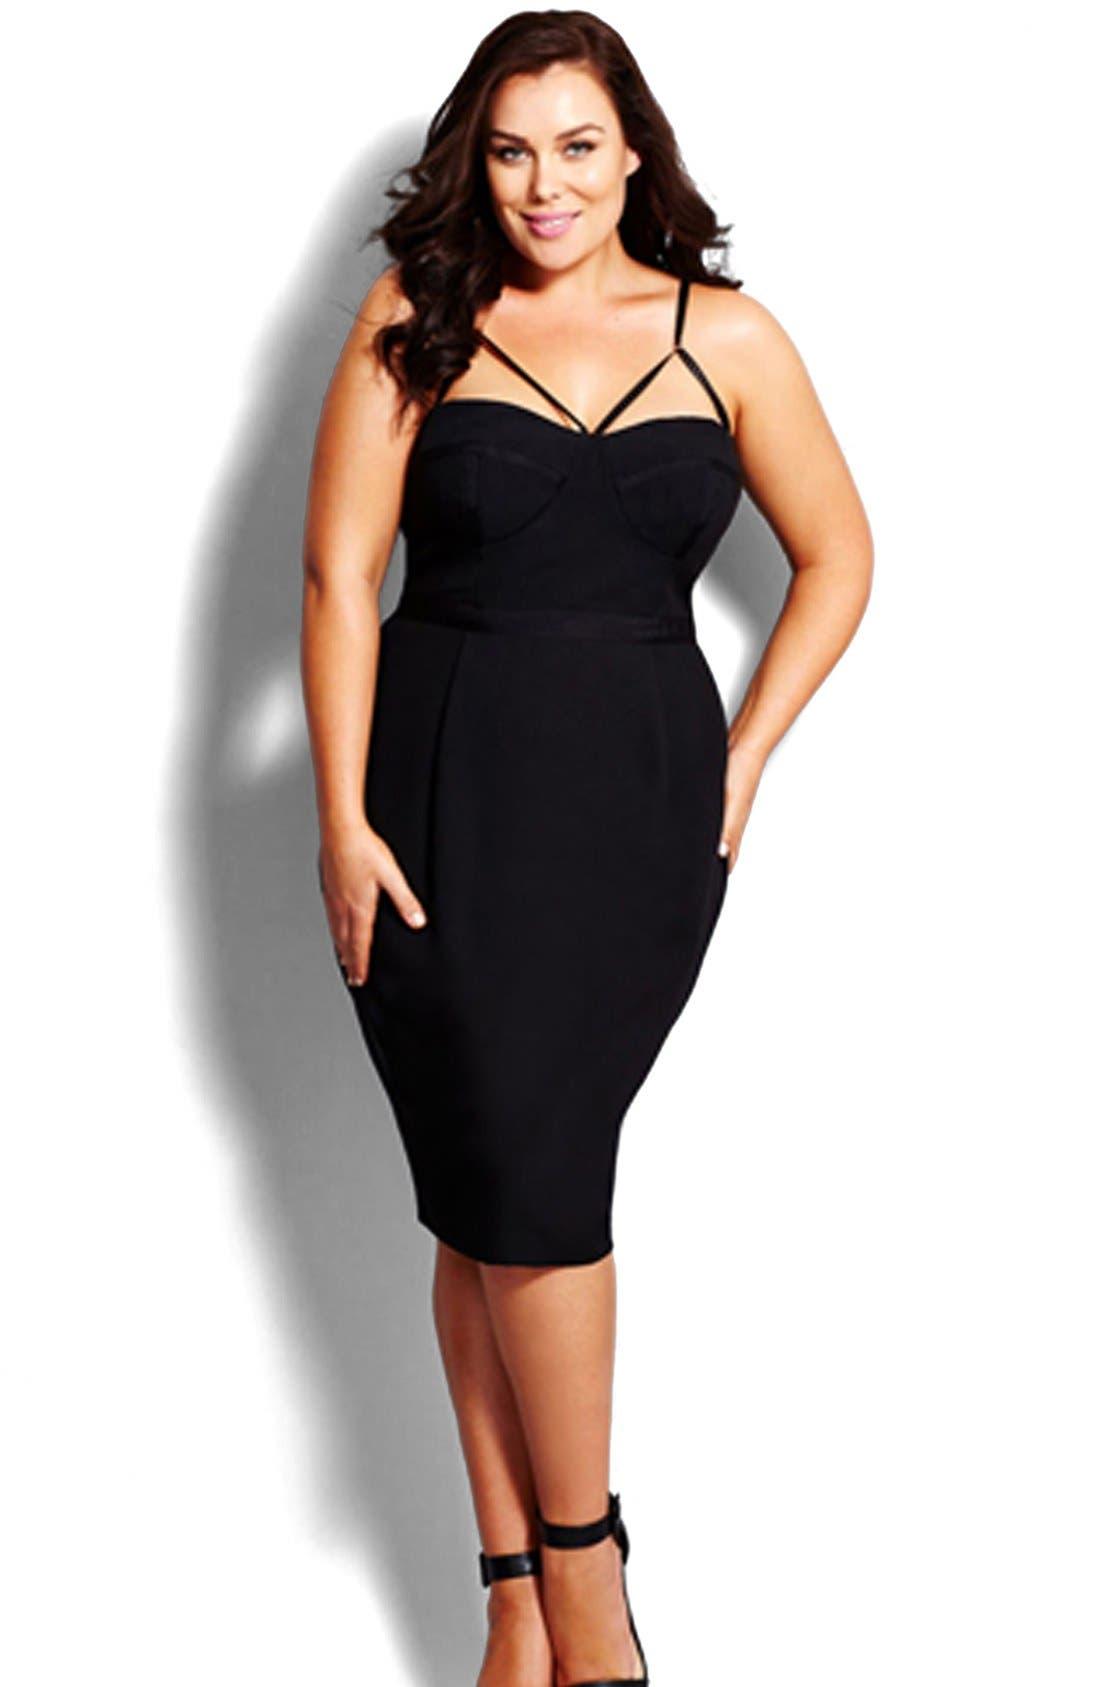 Women's Cocktail & Party Plus-Size Dresses | Nordstrom